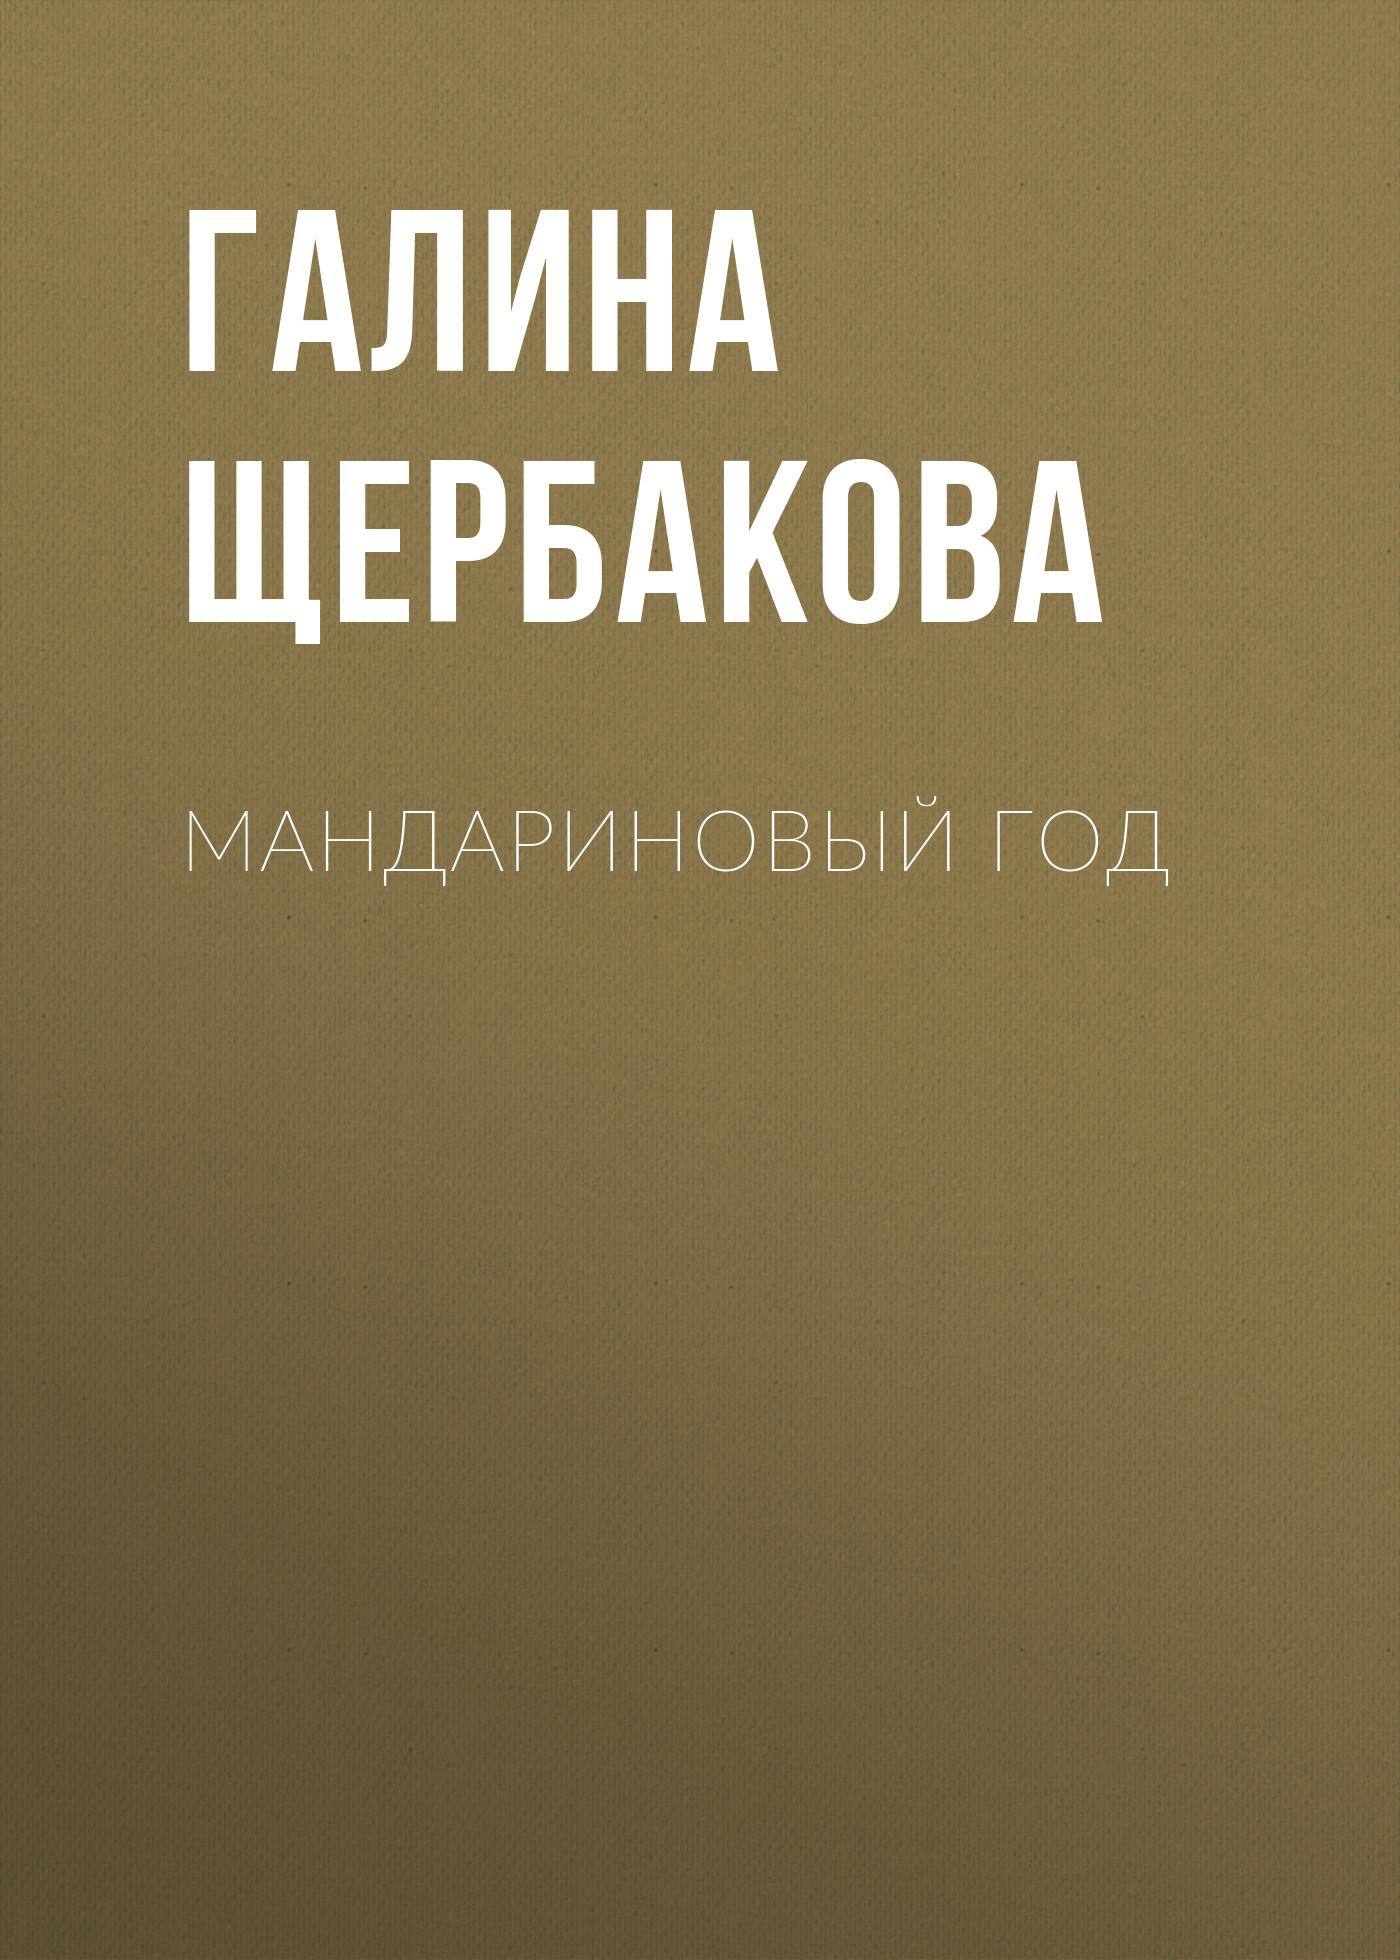 Галина Щербакова Мандариновый год галина щербакова год алены